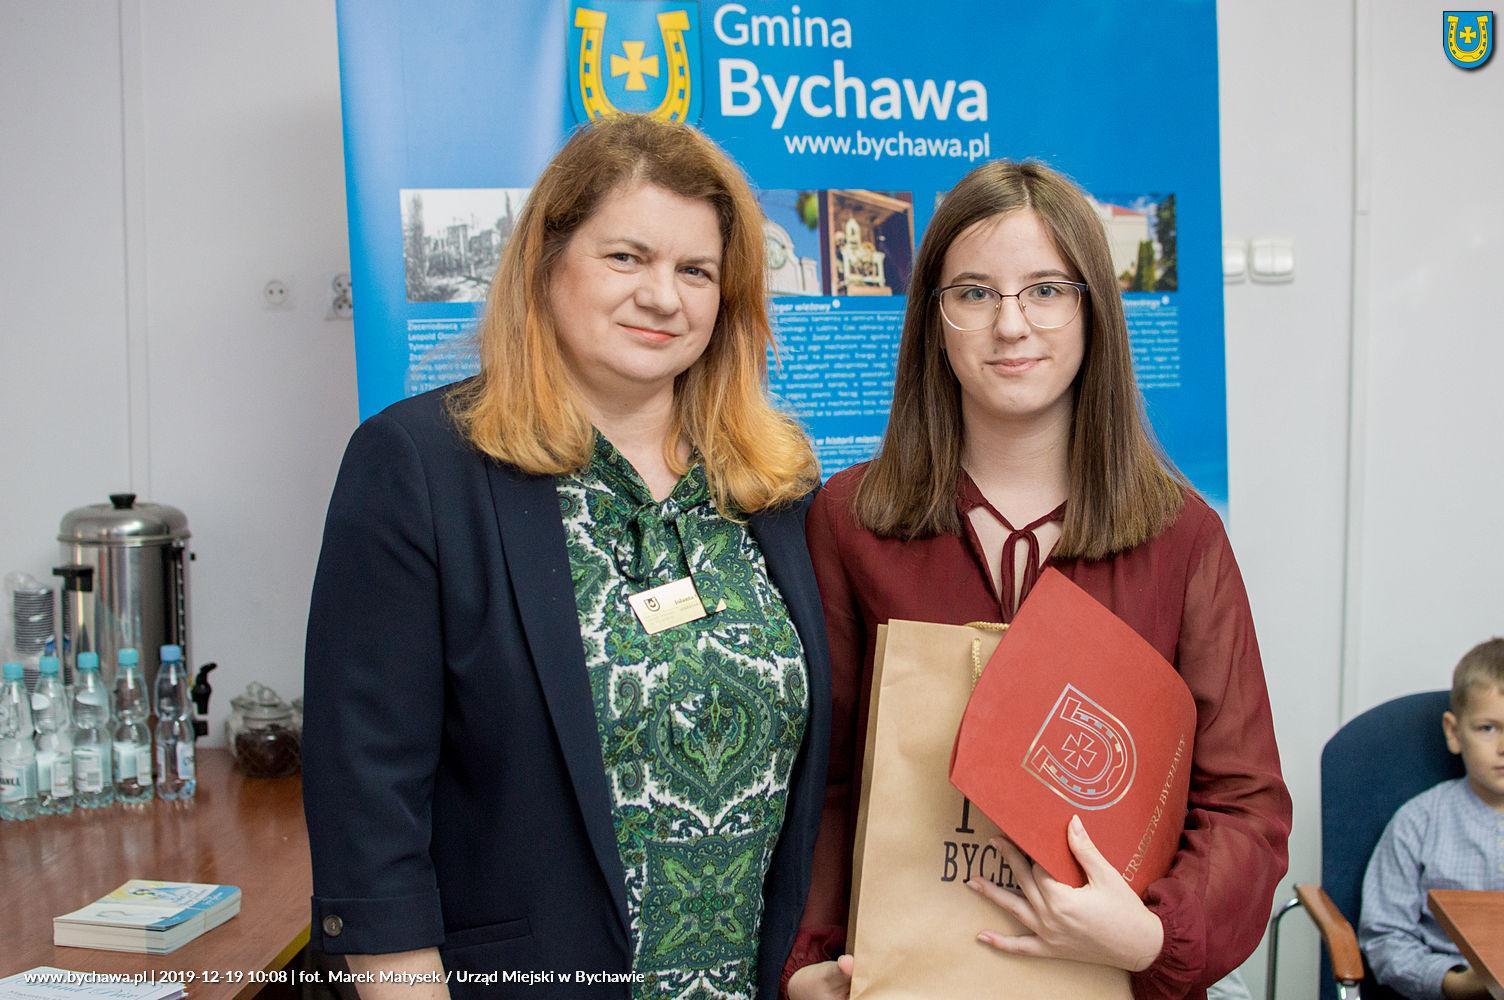 Wręczono nagrody w konkursie na kartkę pocztową gminy Bychawa – BOŻE NARODZENIE 2019